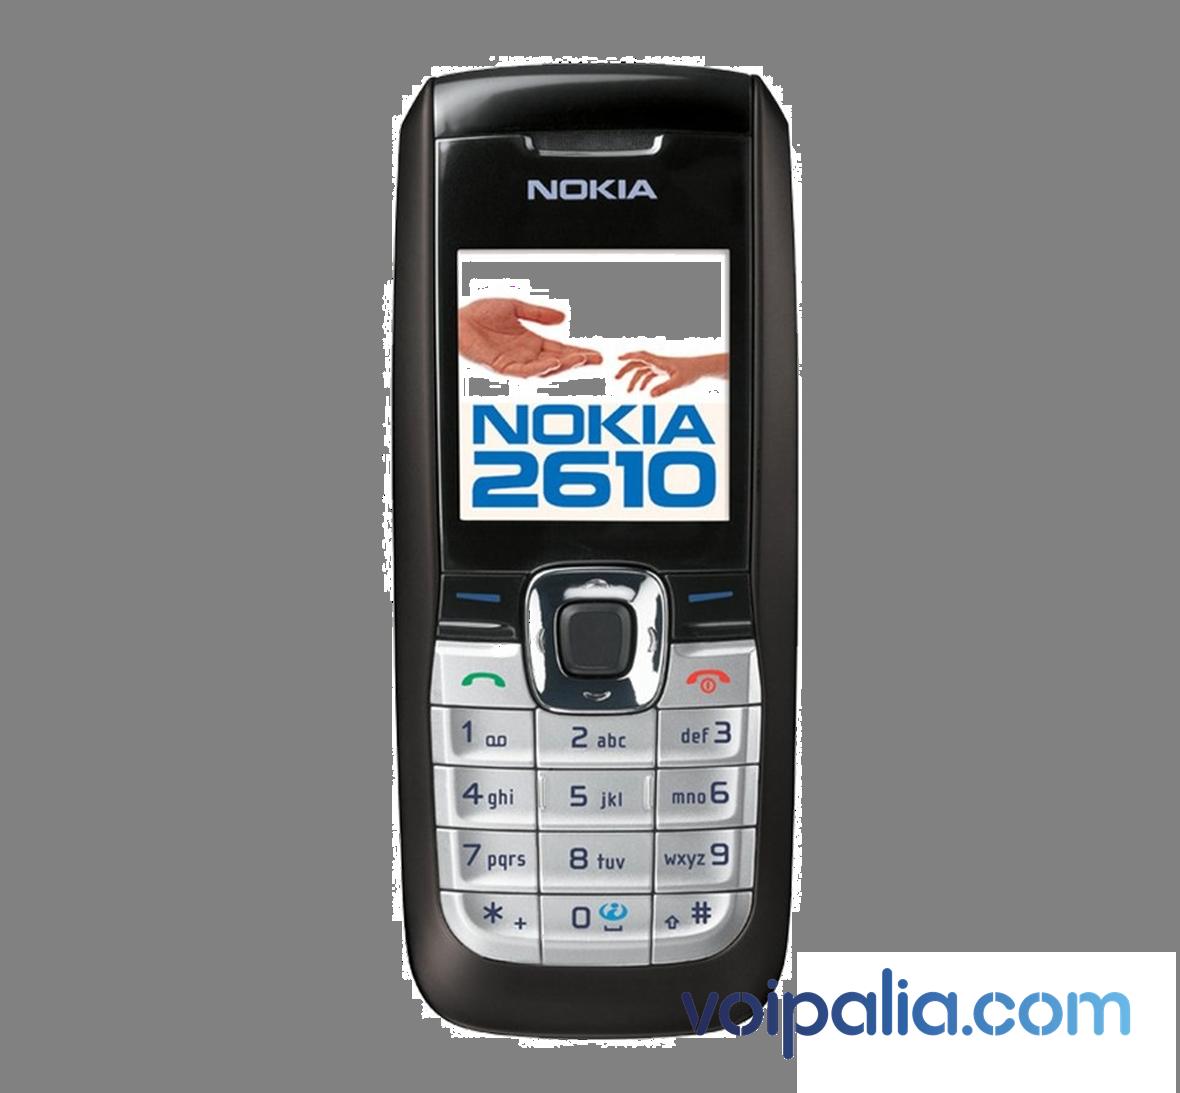 Nokia coin drop sms tone mp3 : Qsp coin là gì 7 tầngh